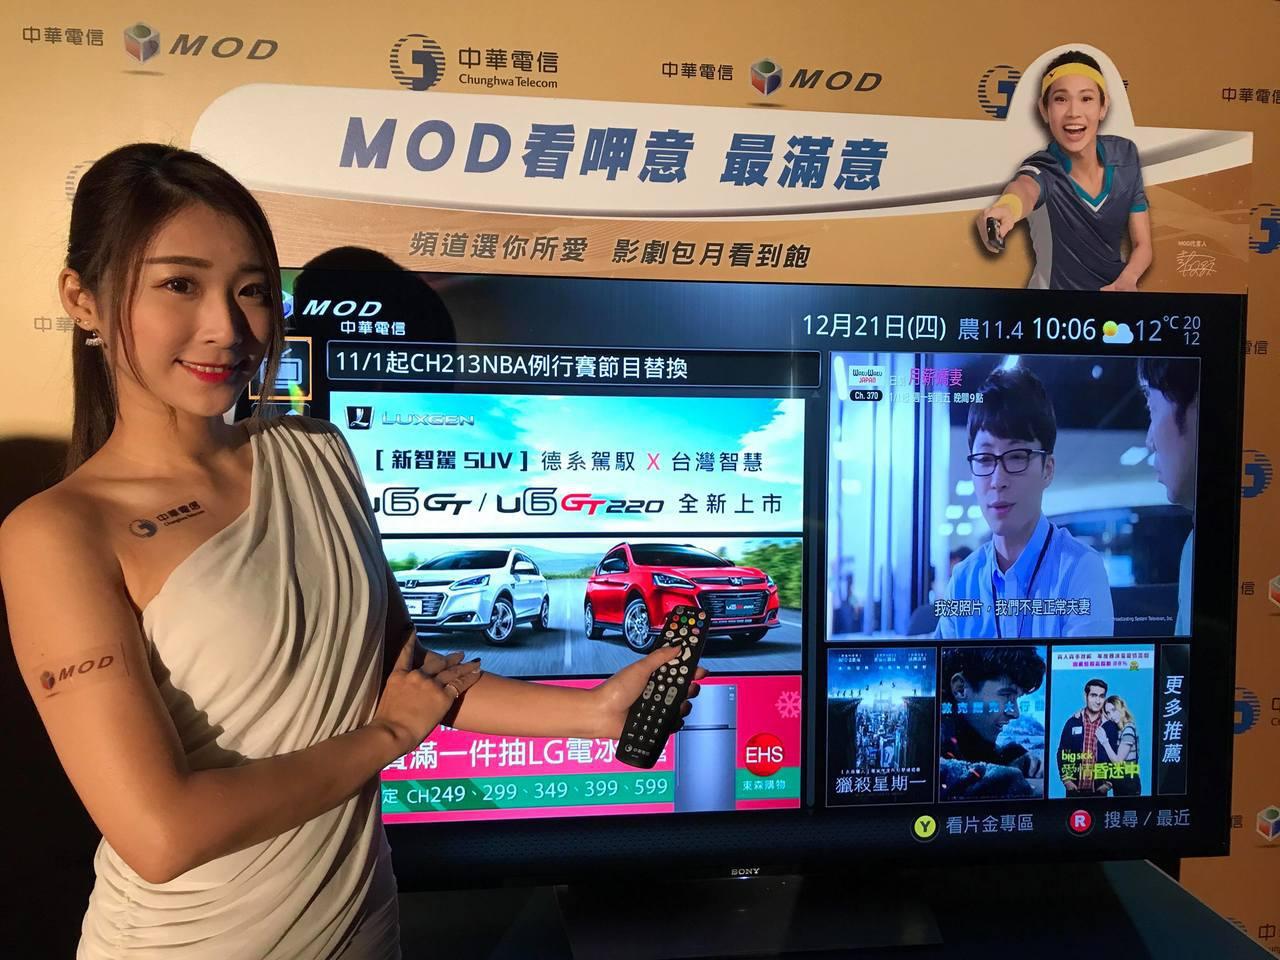 中華電信MOD全新推出6大分眾頻道套餐,讓消費者真正做電視的主人。記者陳立儀/攝...